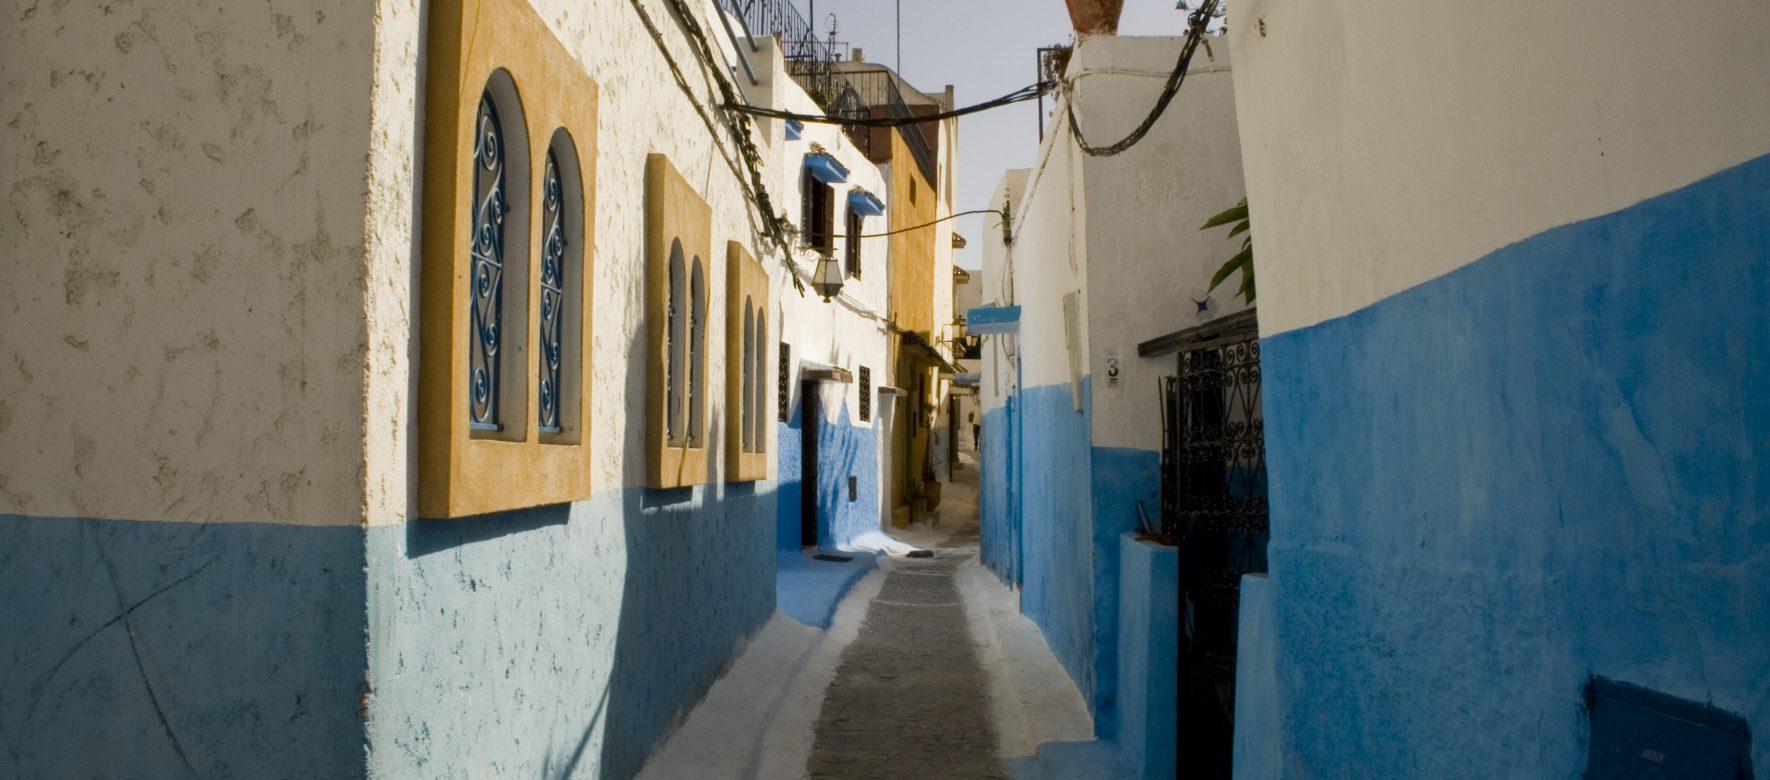 Le Maroc prolonge l'état d'urgence sanitaire pour une 5ème fois